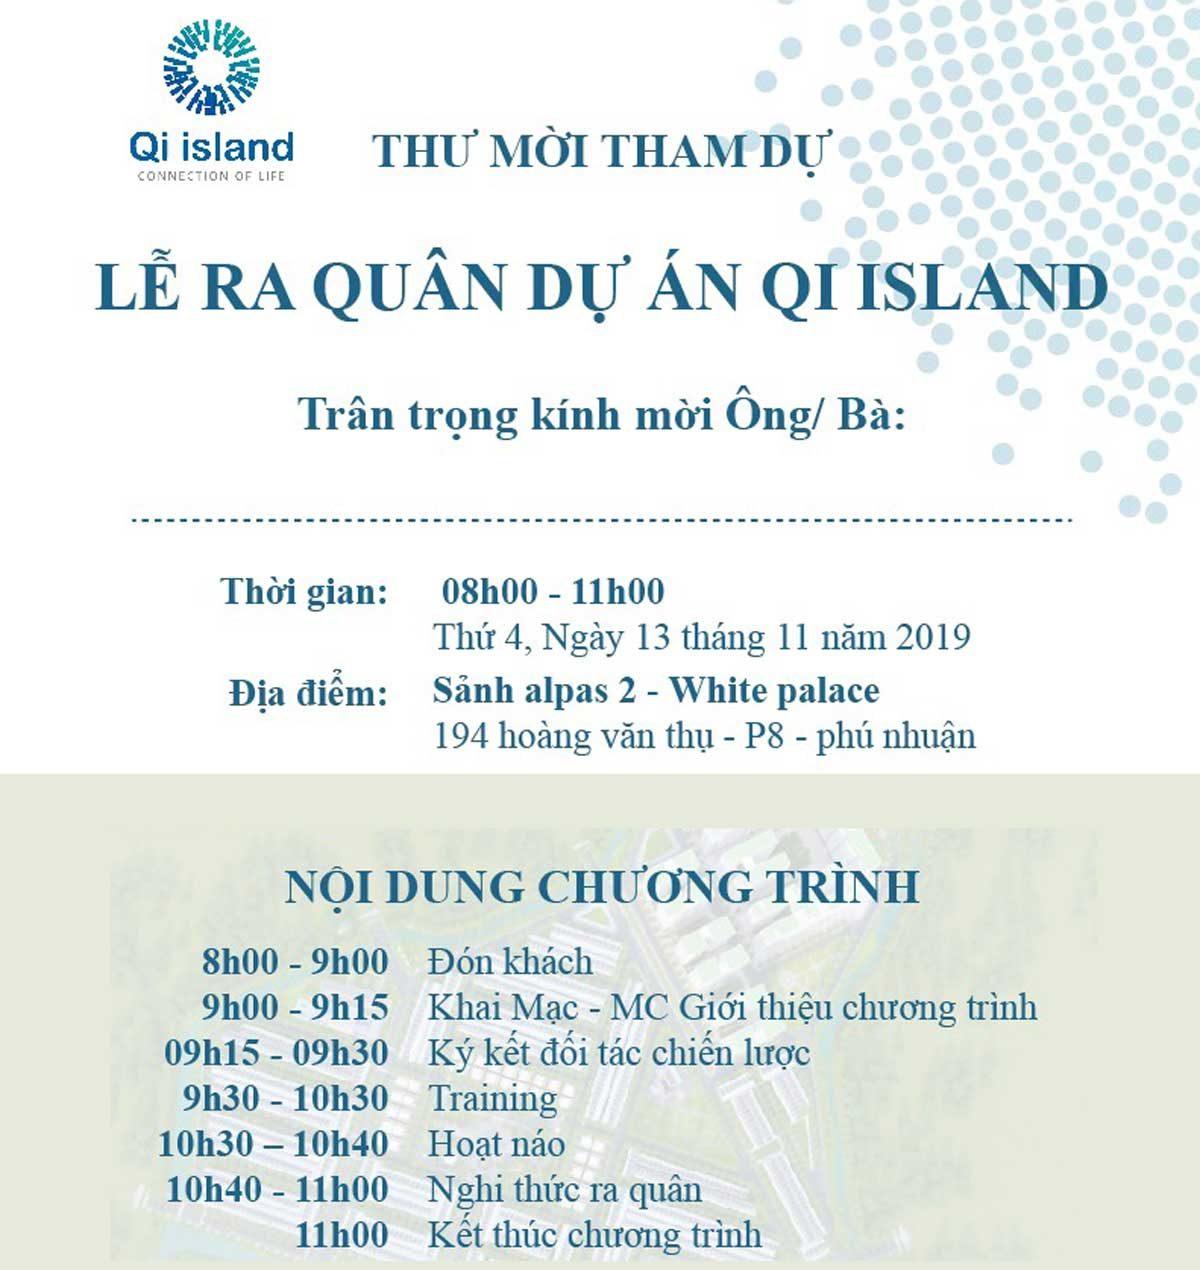 le-ra-quan-du-an-qi-island-binh-duong